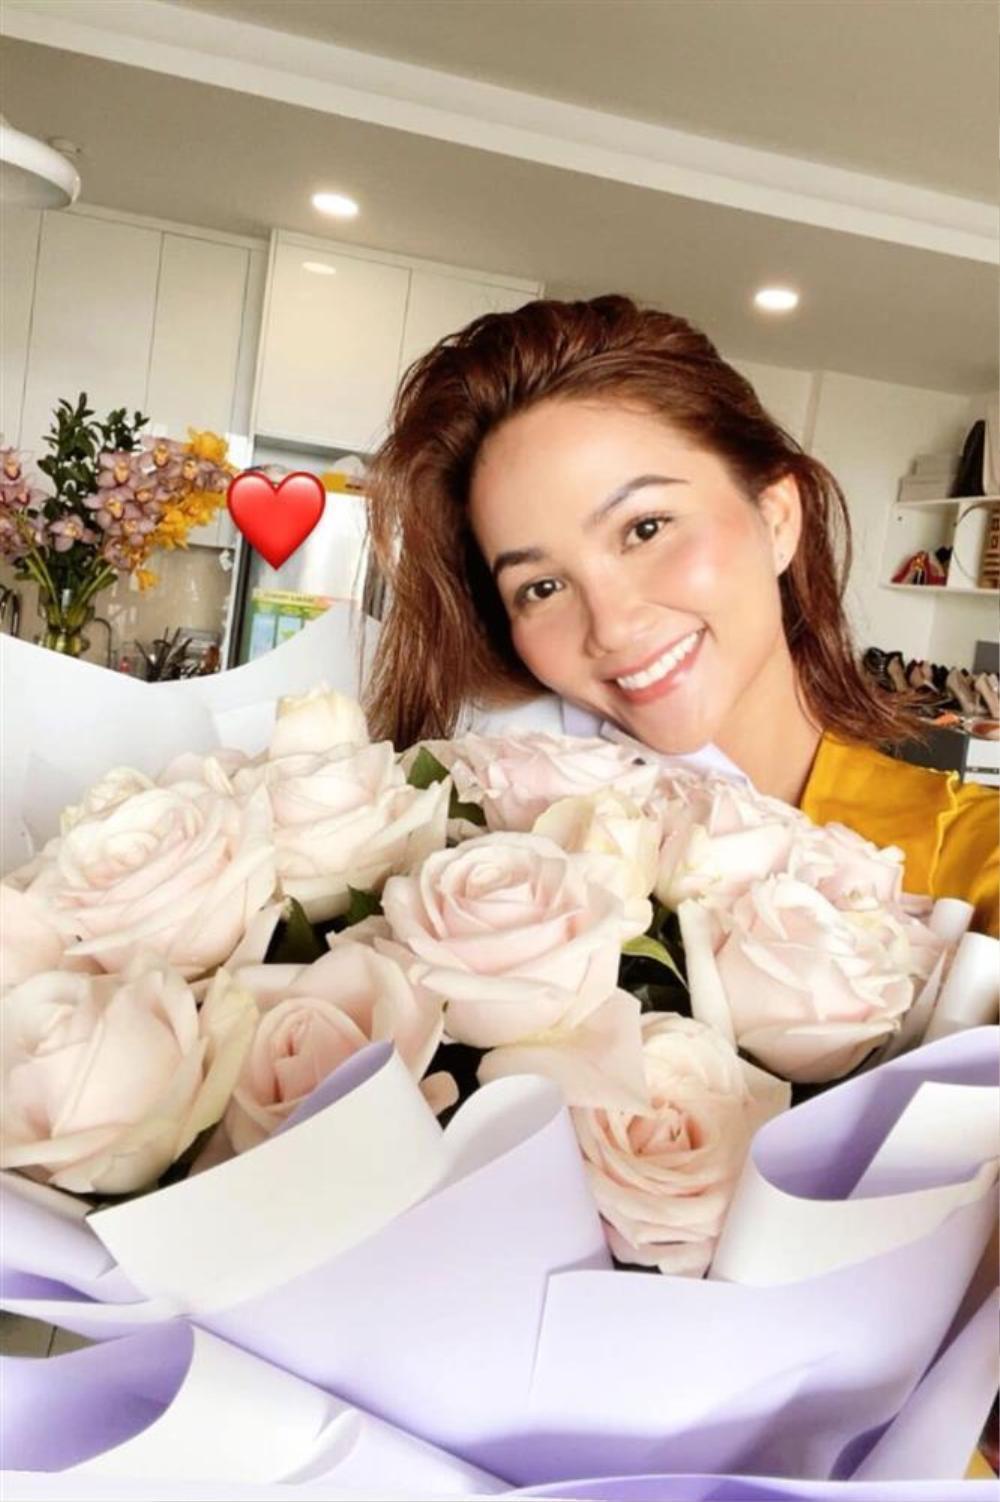 H'Hen Niê nhận hoa Valentine, Lệ Hằng - Mâu Thủy chúc mừng hạnh phúc, fan nghi ngờ đã có người yêu? Ảnh 7